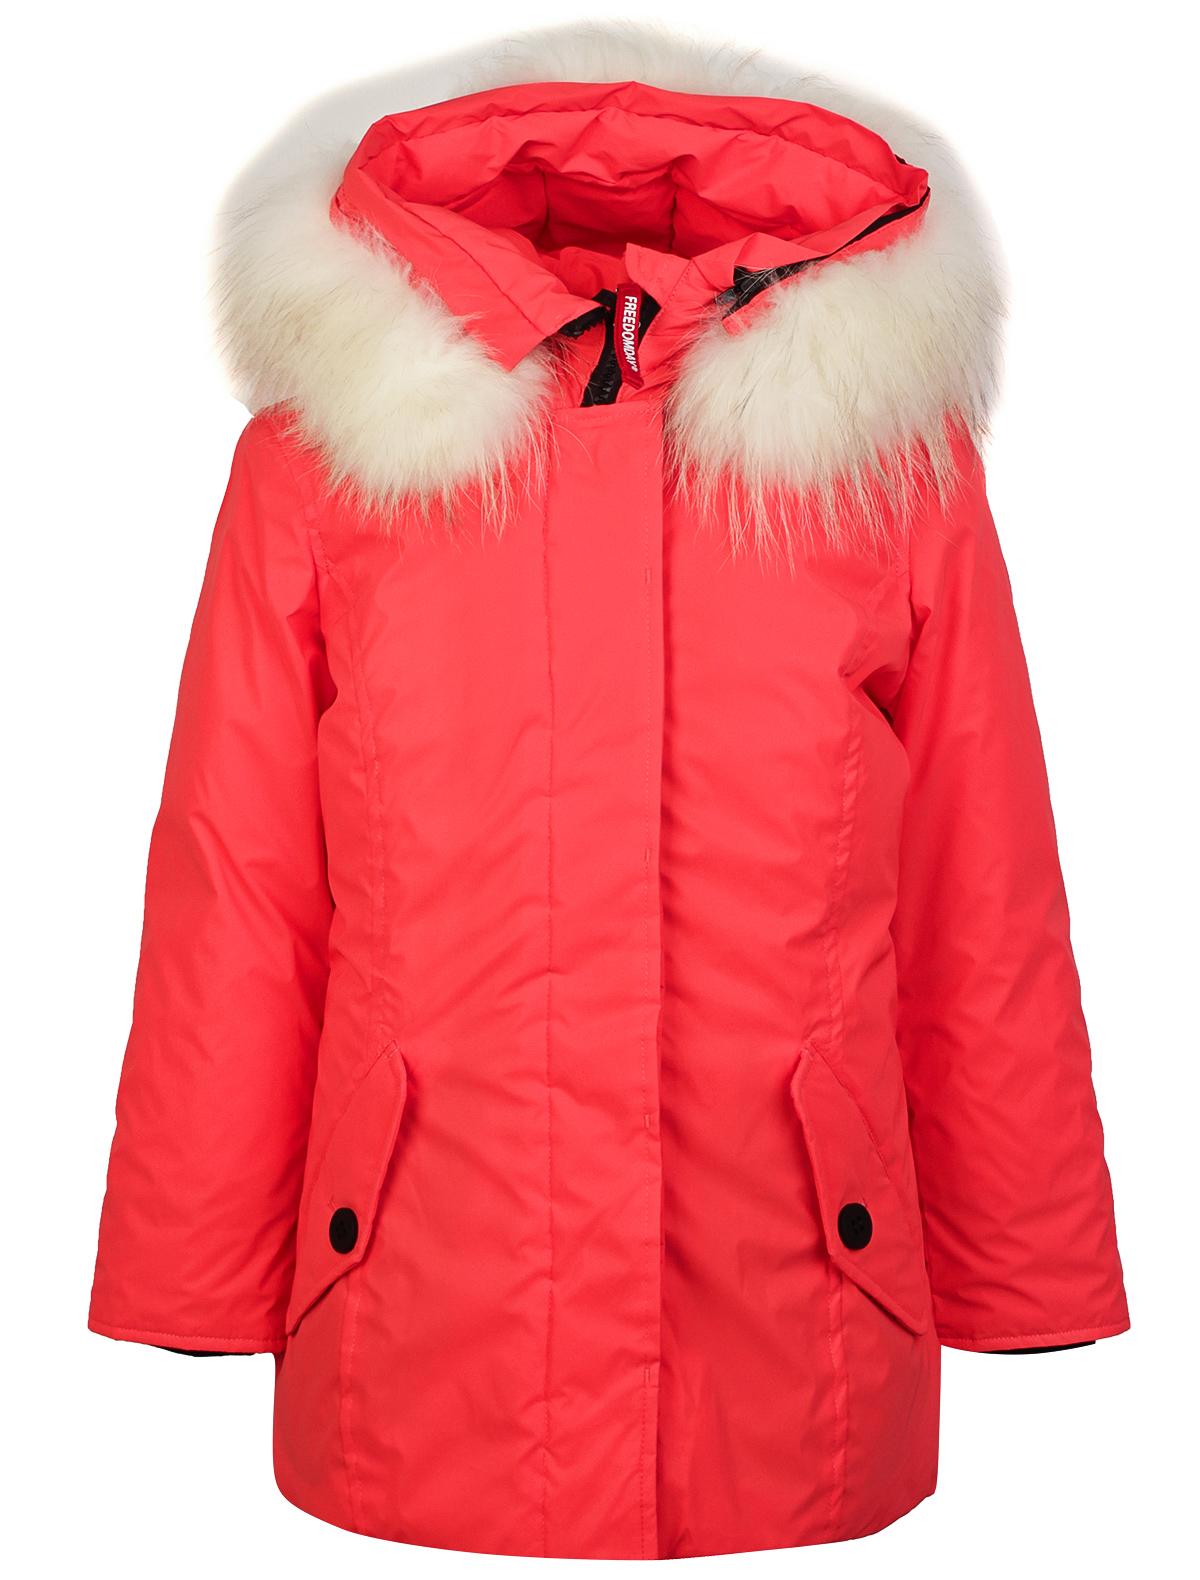 Купить 2118781, Куртка FREEDOMDAY, красный, Женский, 1071309980071